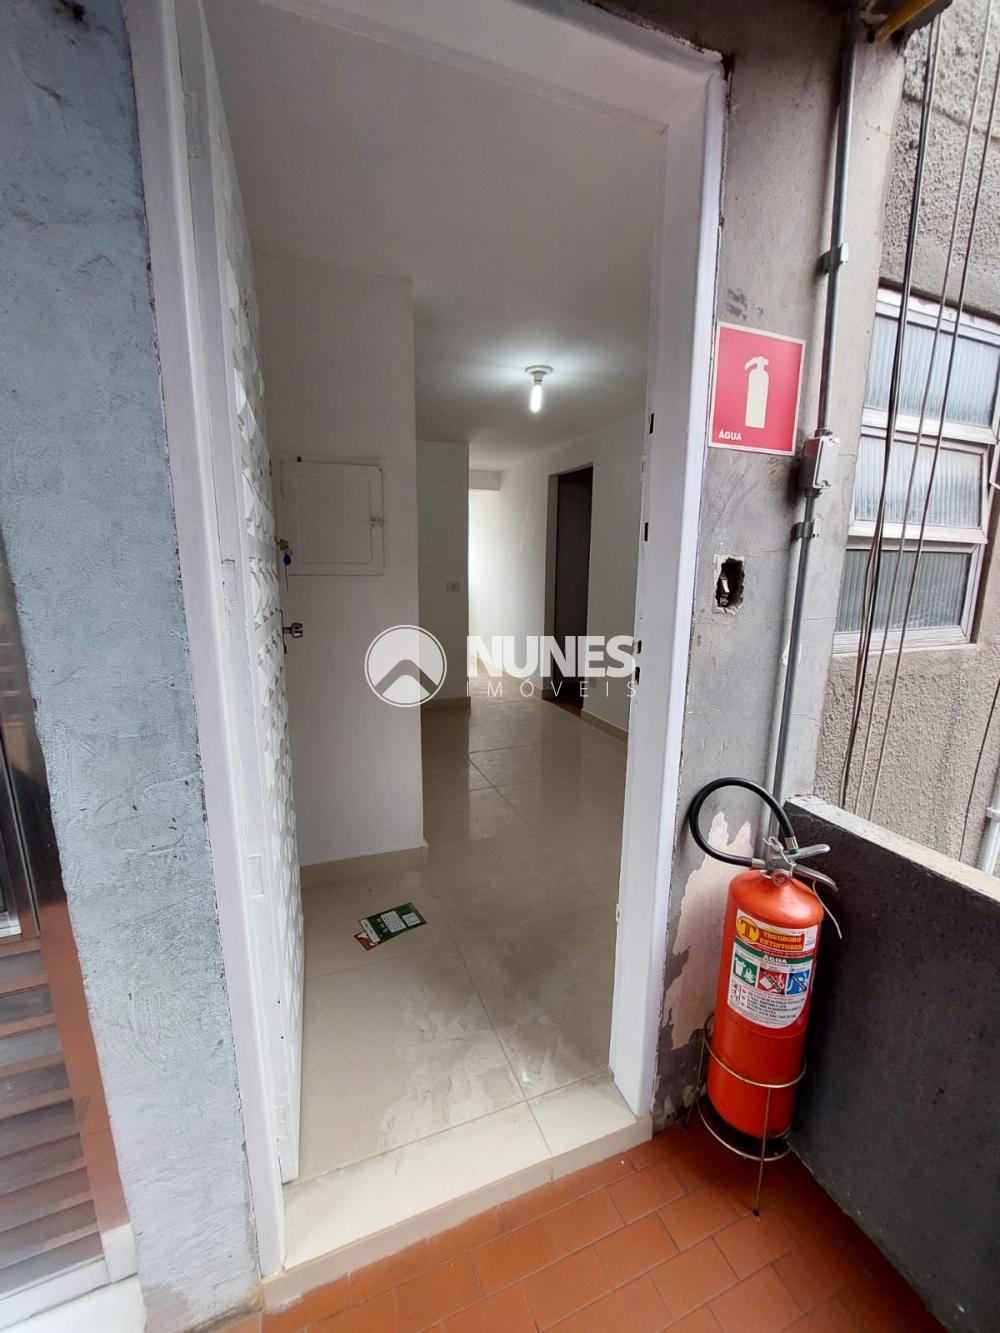 Comprar Apartamento / Padrão em Carapicuíba R$ 135.000,00 - Foto 12